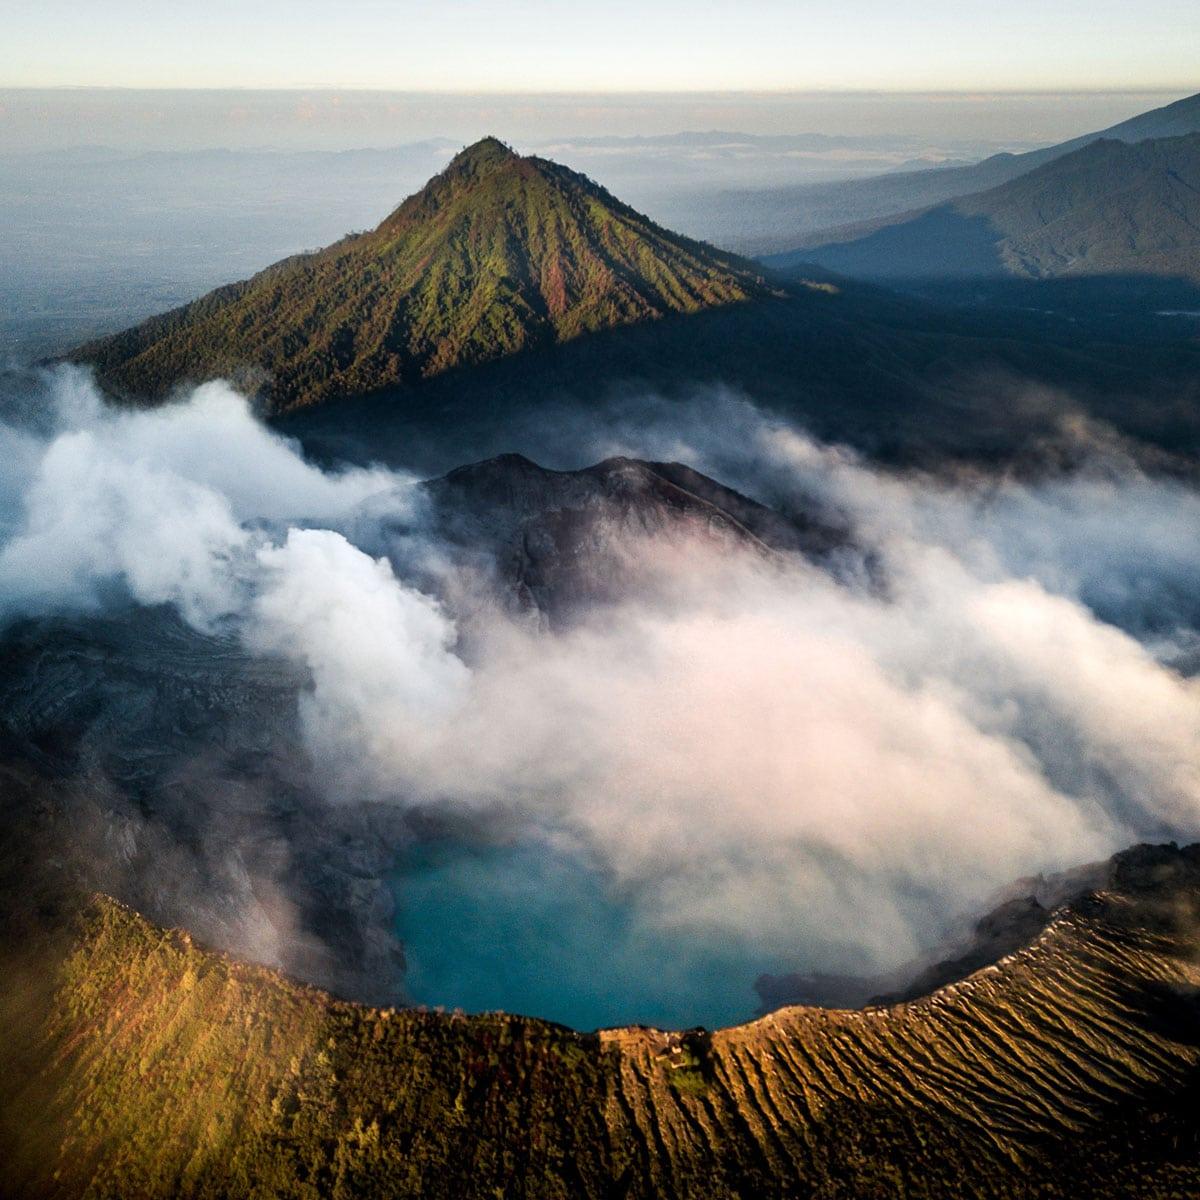 immagine per articolo ecologia blog